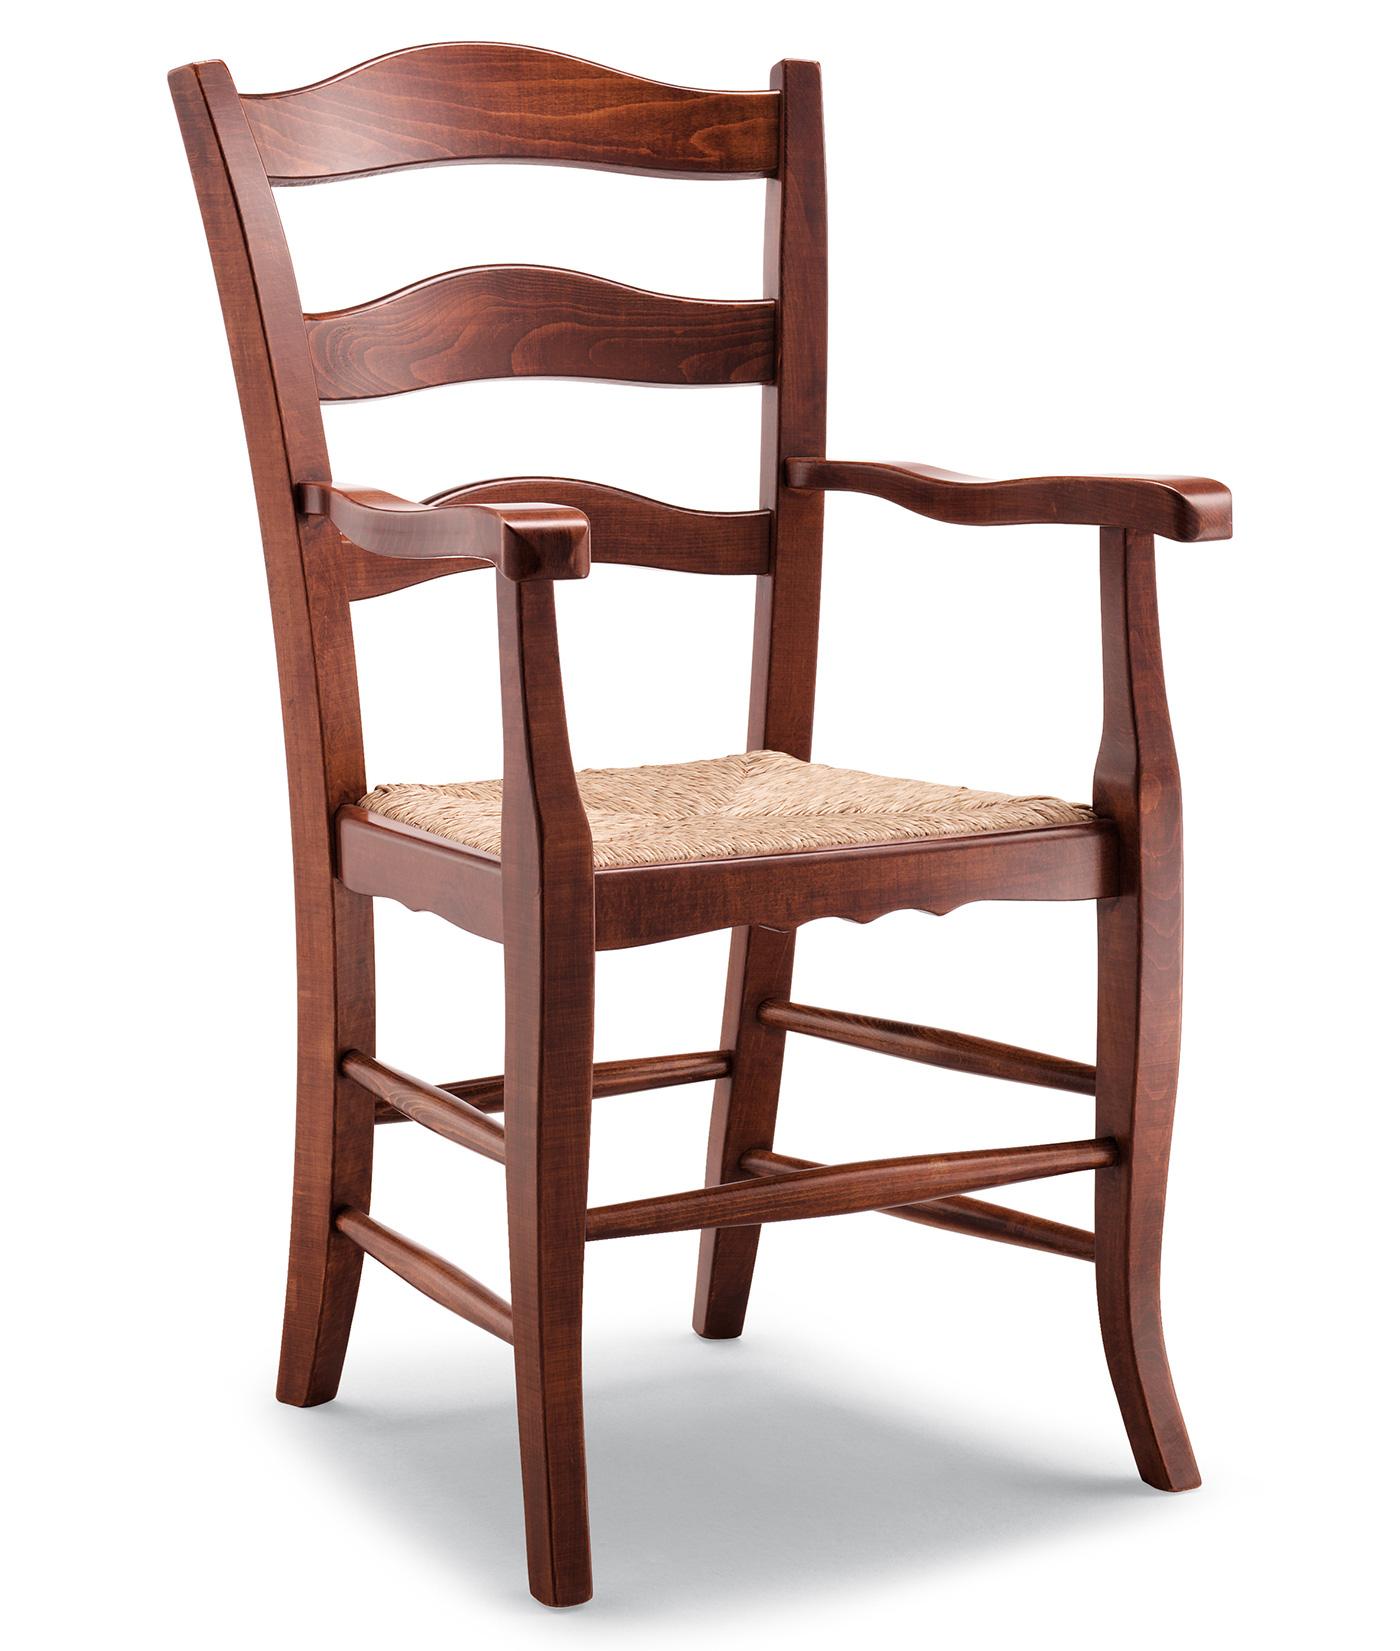 ANTICA-P - Franchi Sedie - sedie, sgabelli, ufficio, tavoli ...